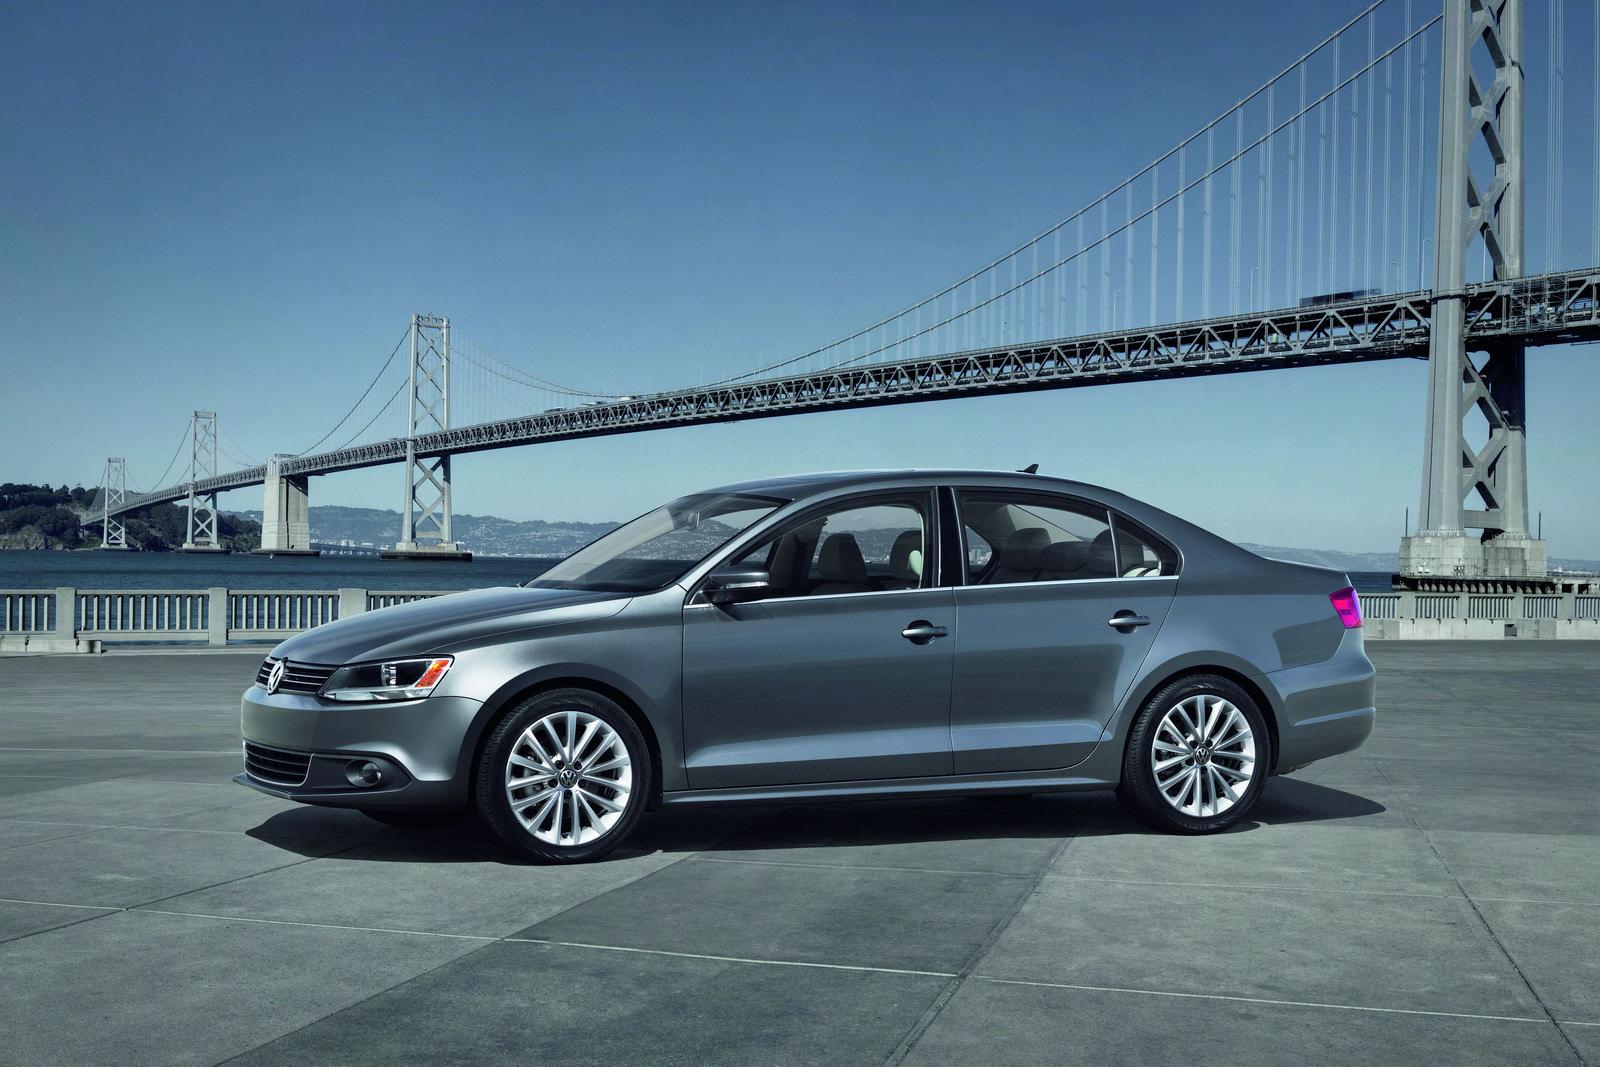 2011 VW Jetta Sedan Officially Revealed: Will Start from